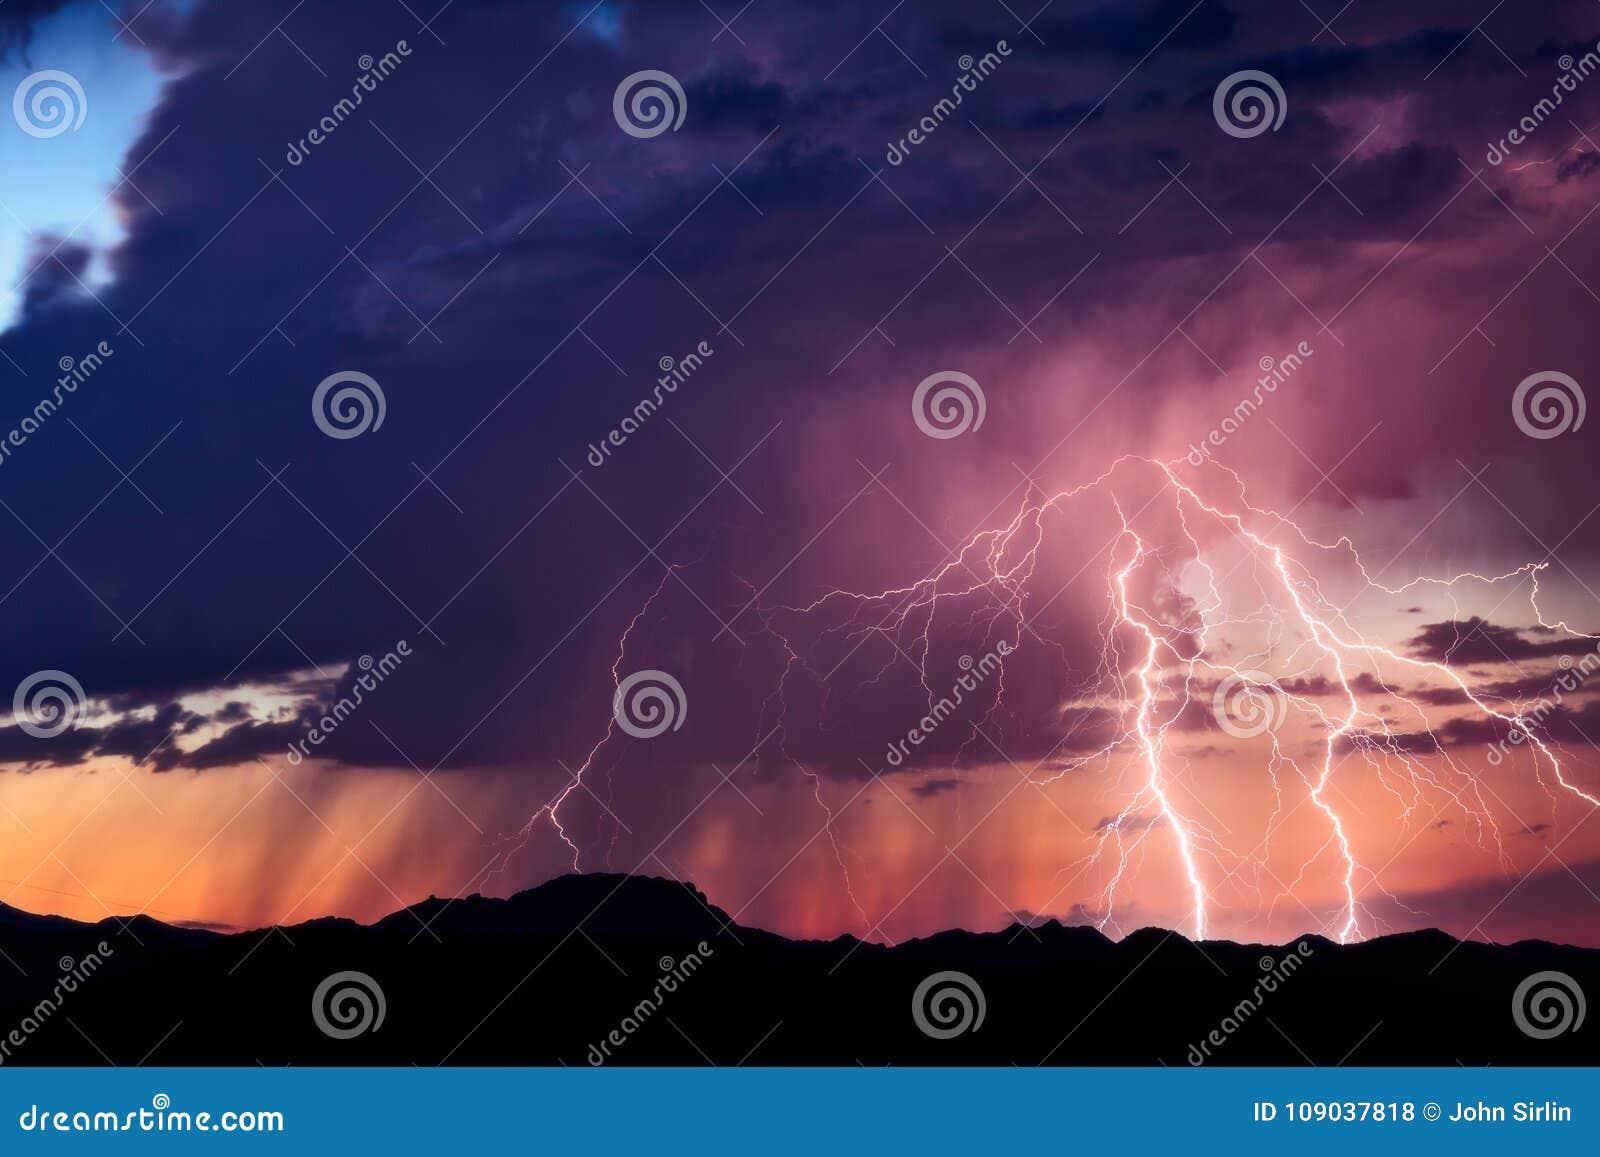 Huelga de los rayos de una tormenta en la puesta del sol